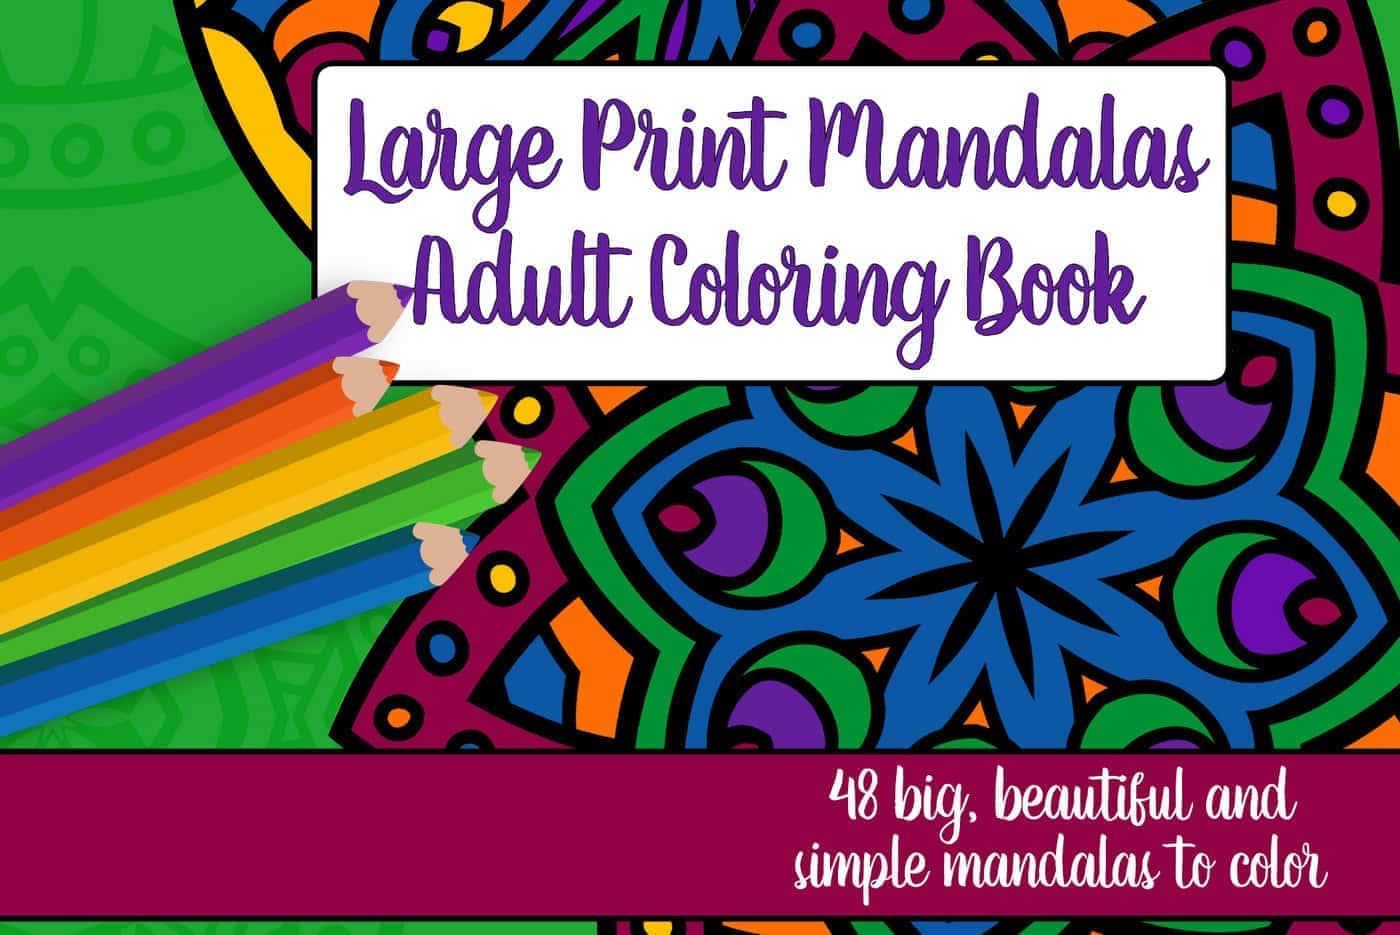 Large Print Adult Coloring Book 3 Big, Beautiful and Simple Mandalas